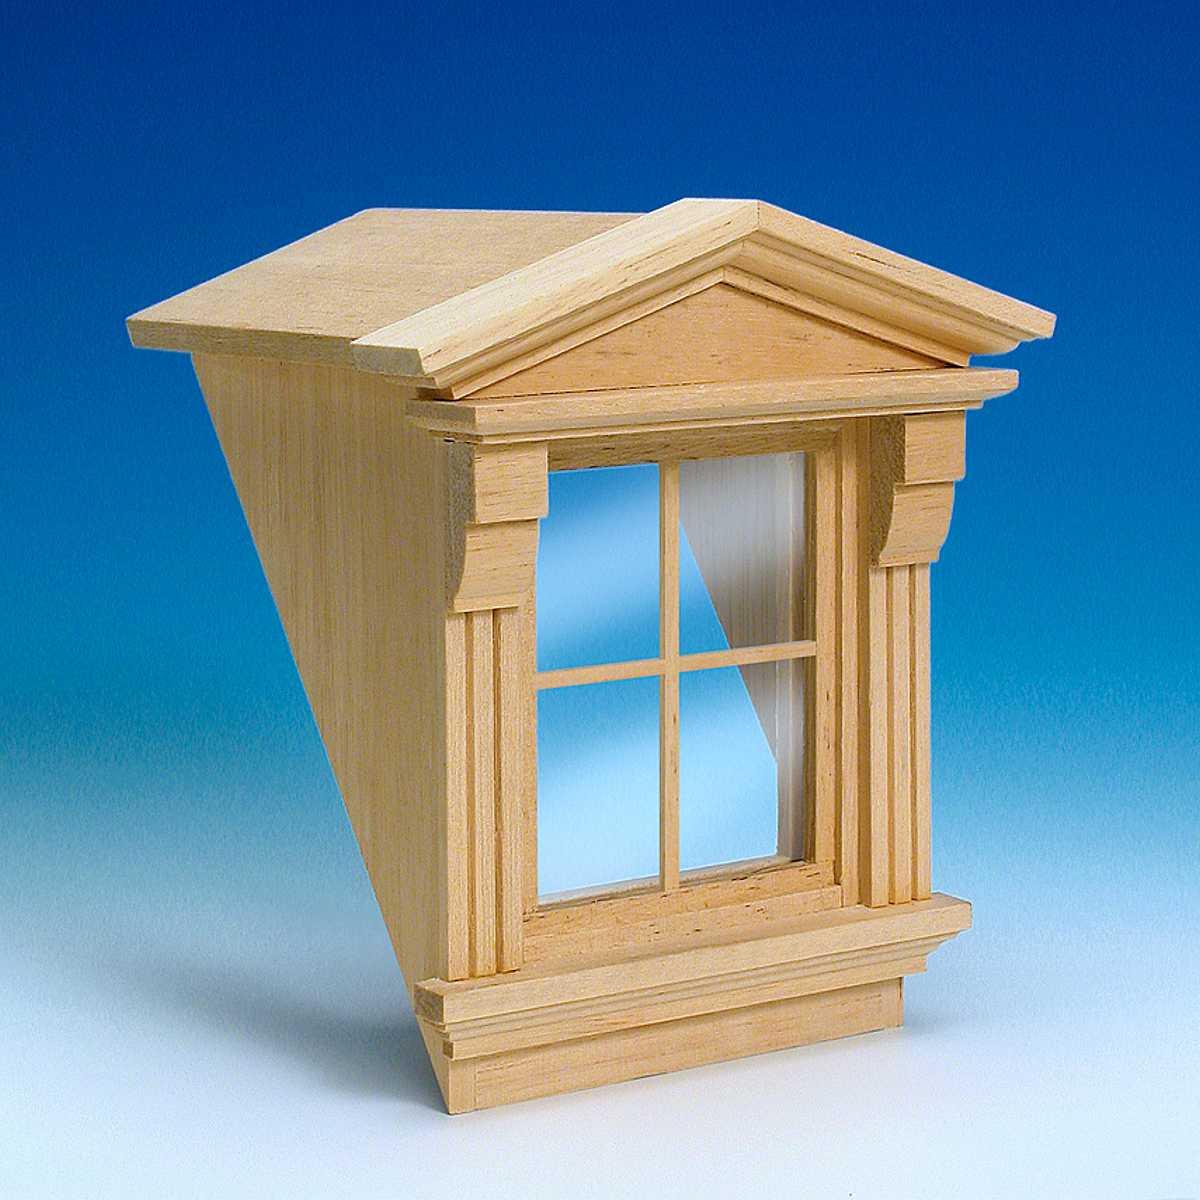 Dachgaube mit viktorianischem Fenster